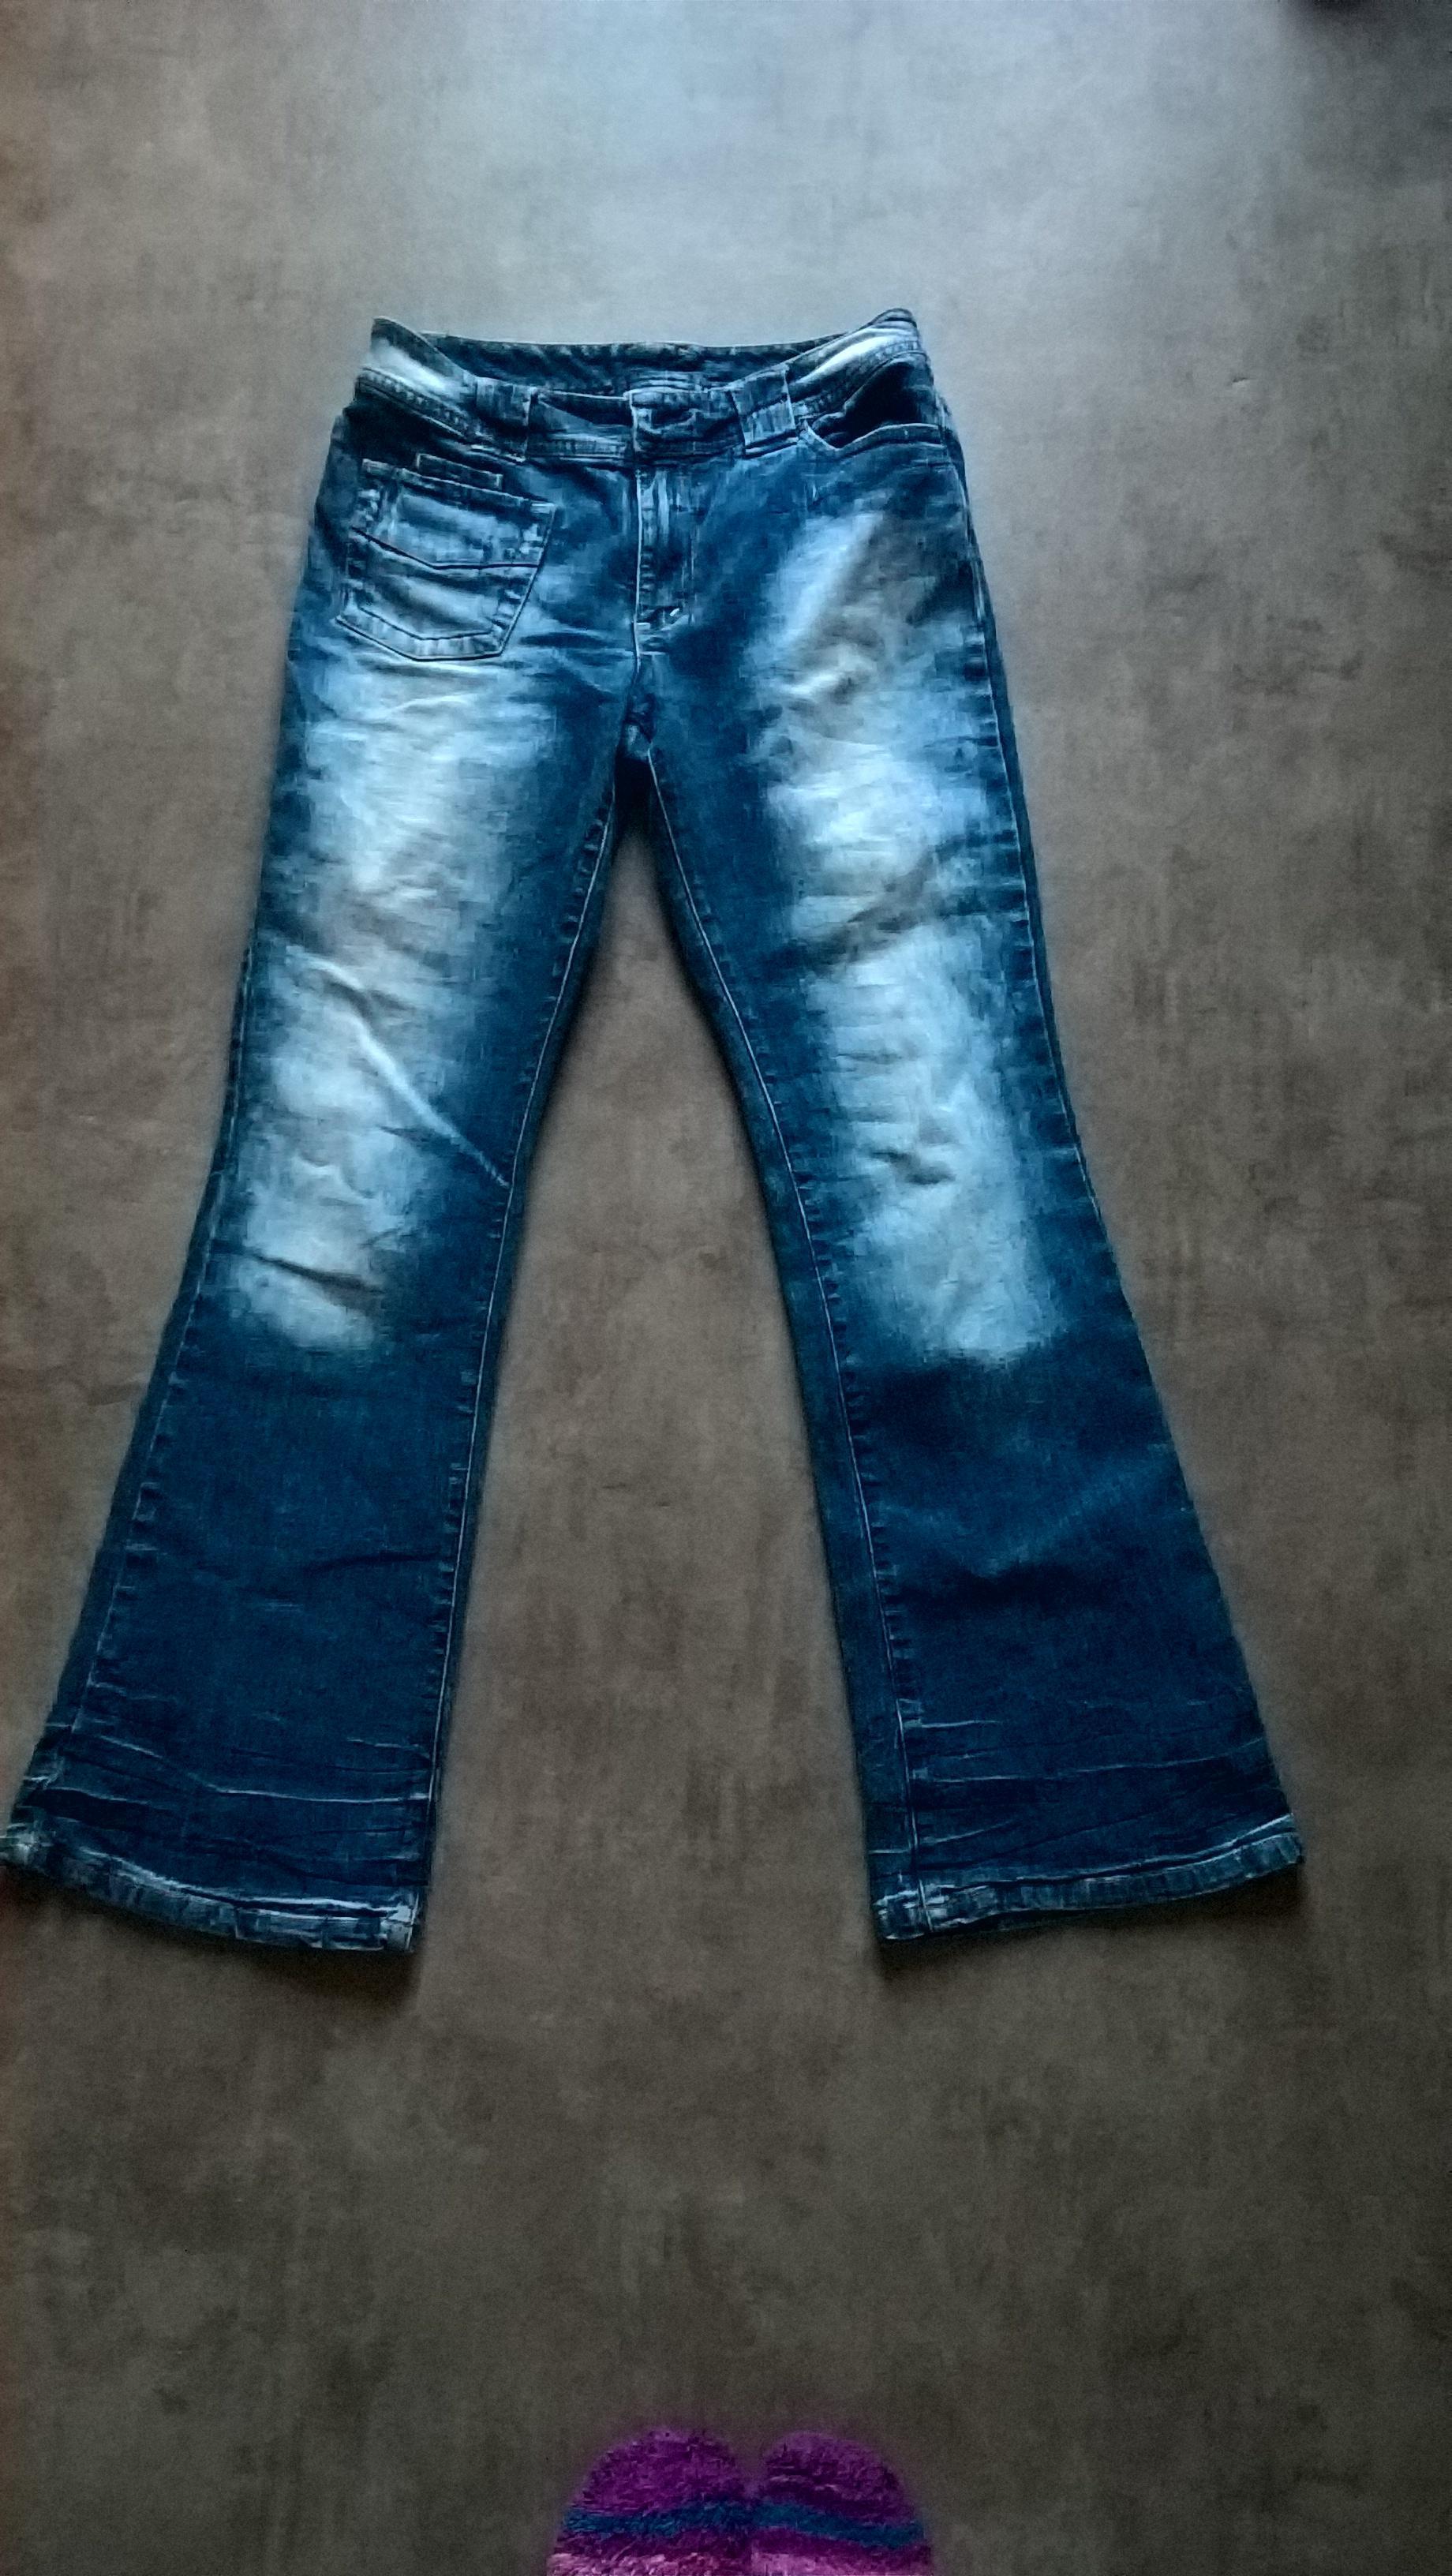 troc de troc jean femme taille 38 stone image 0